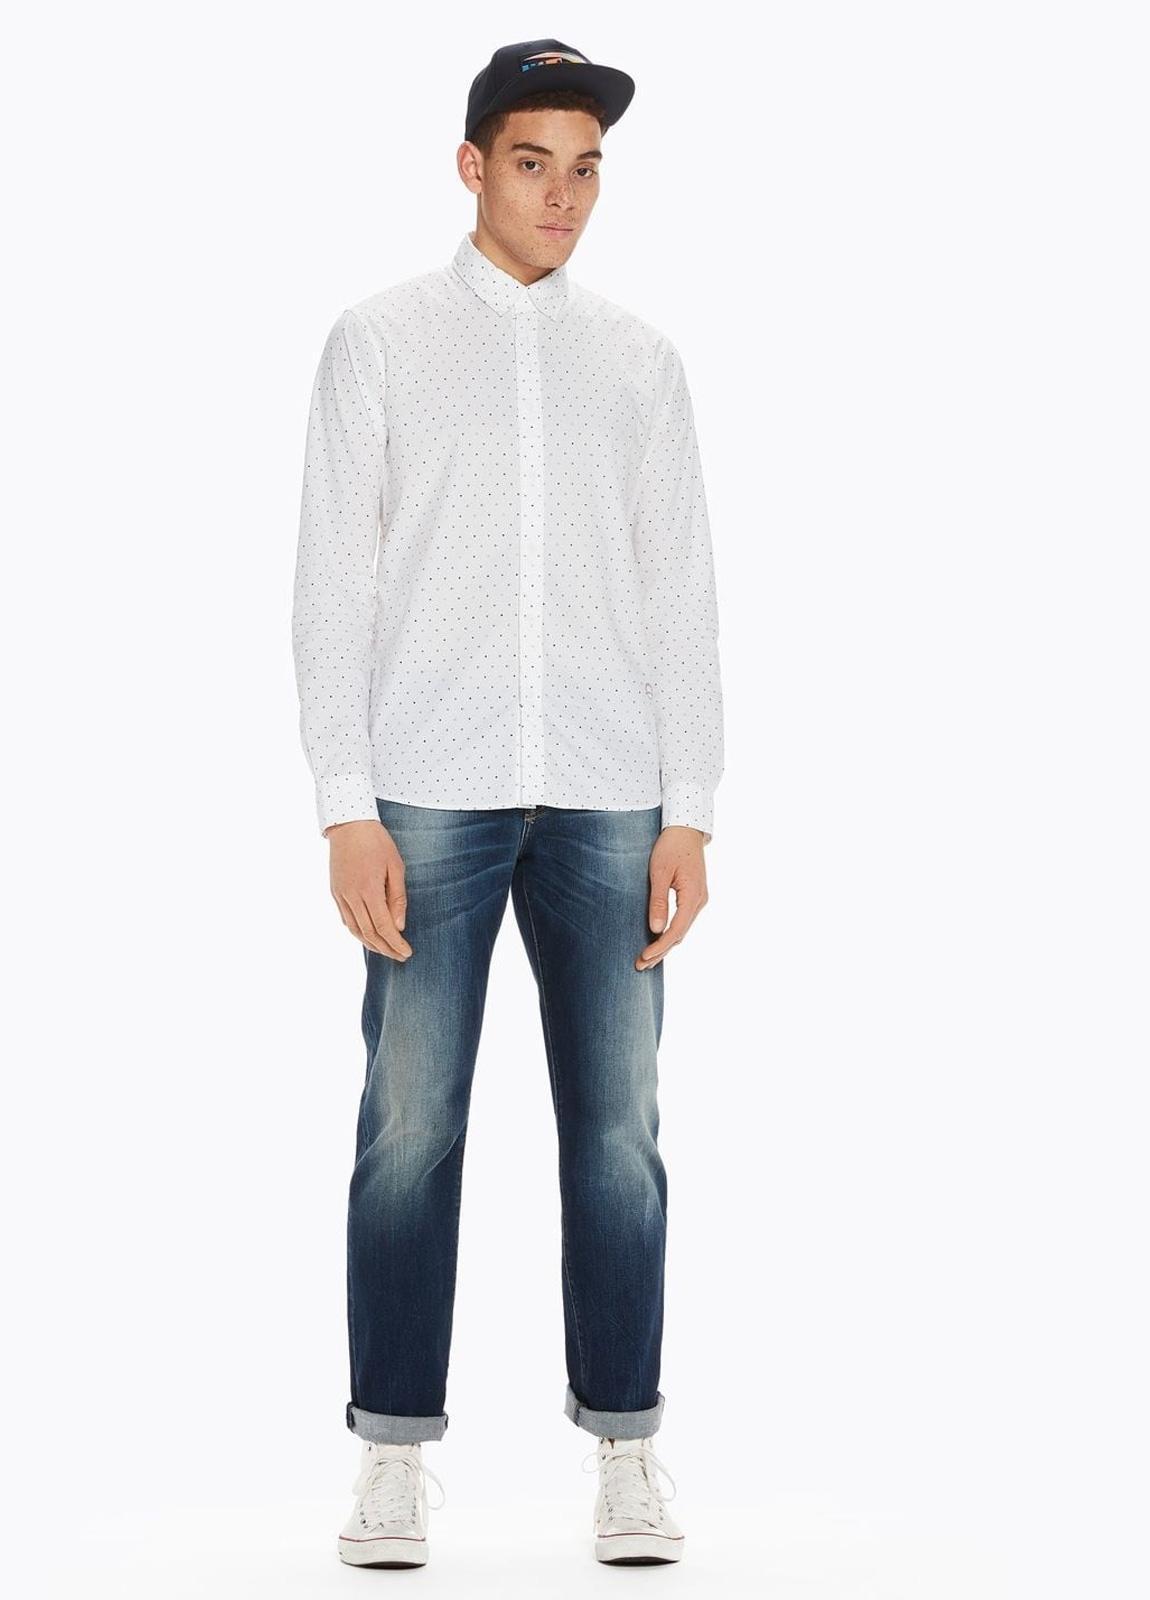 Camisa SLIM FIT, cuello botones. Estampado fases lunares, color blanco . 100% Algodón. - Ítem2